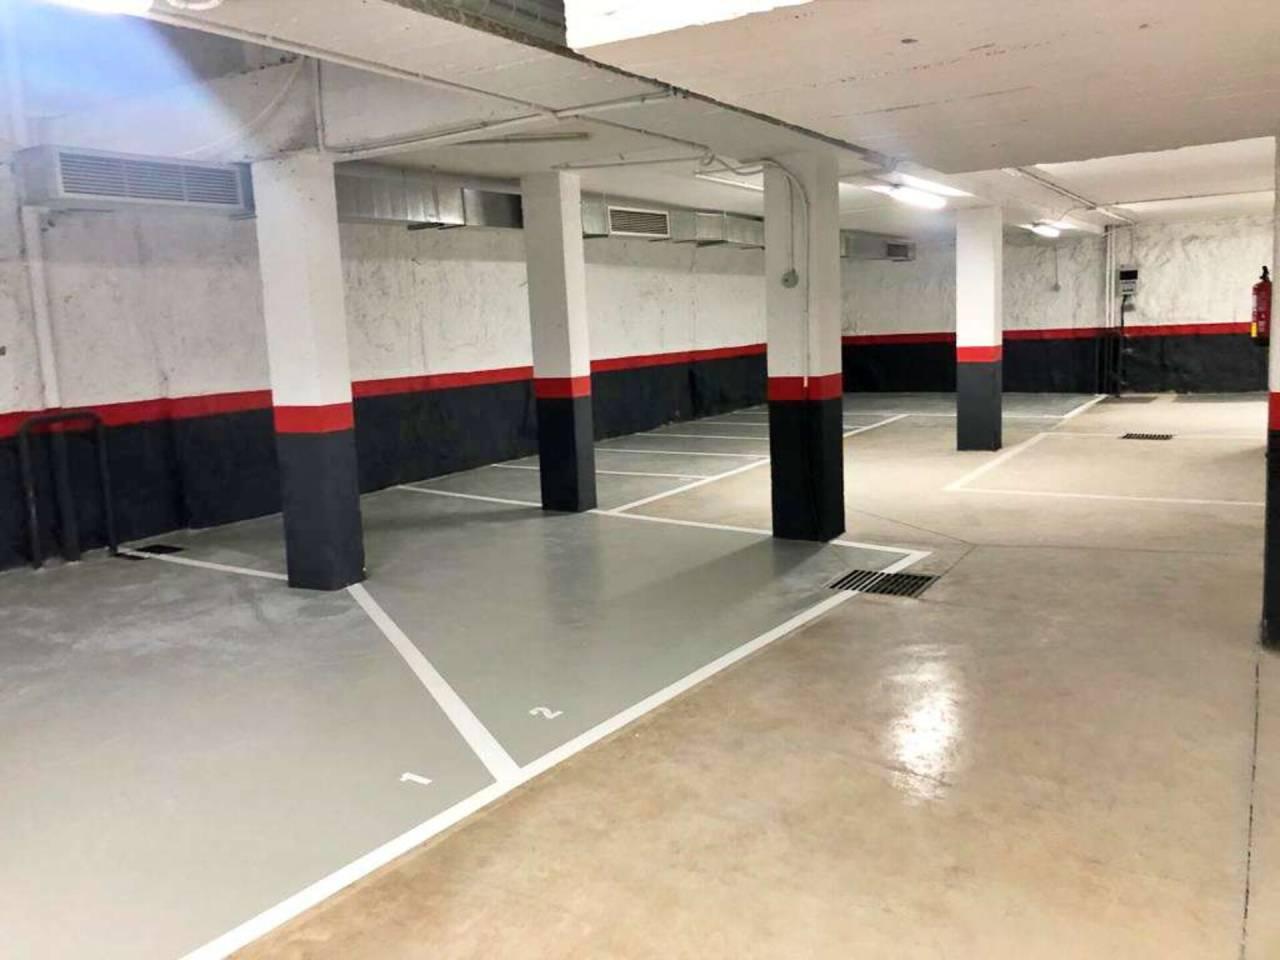 Plazas de parking para moto y coche en San Diego-Puente de Vallecas